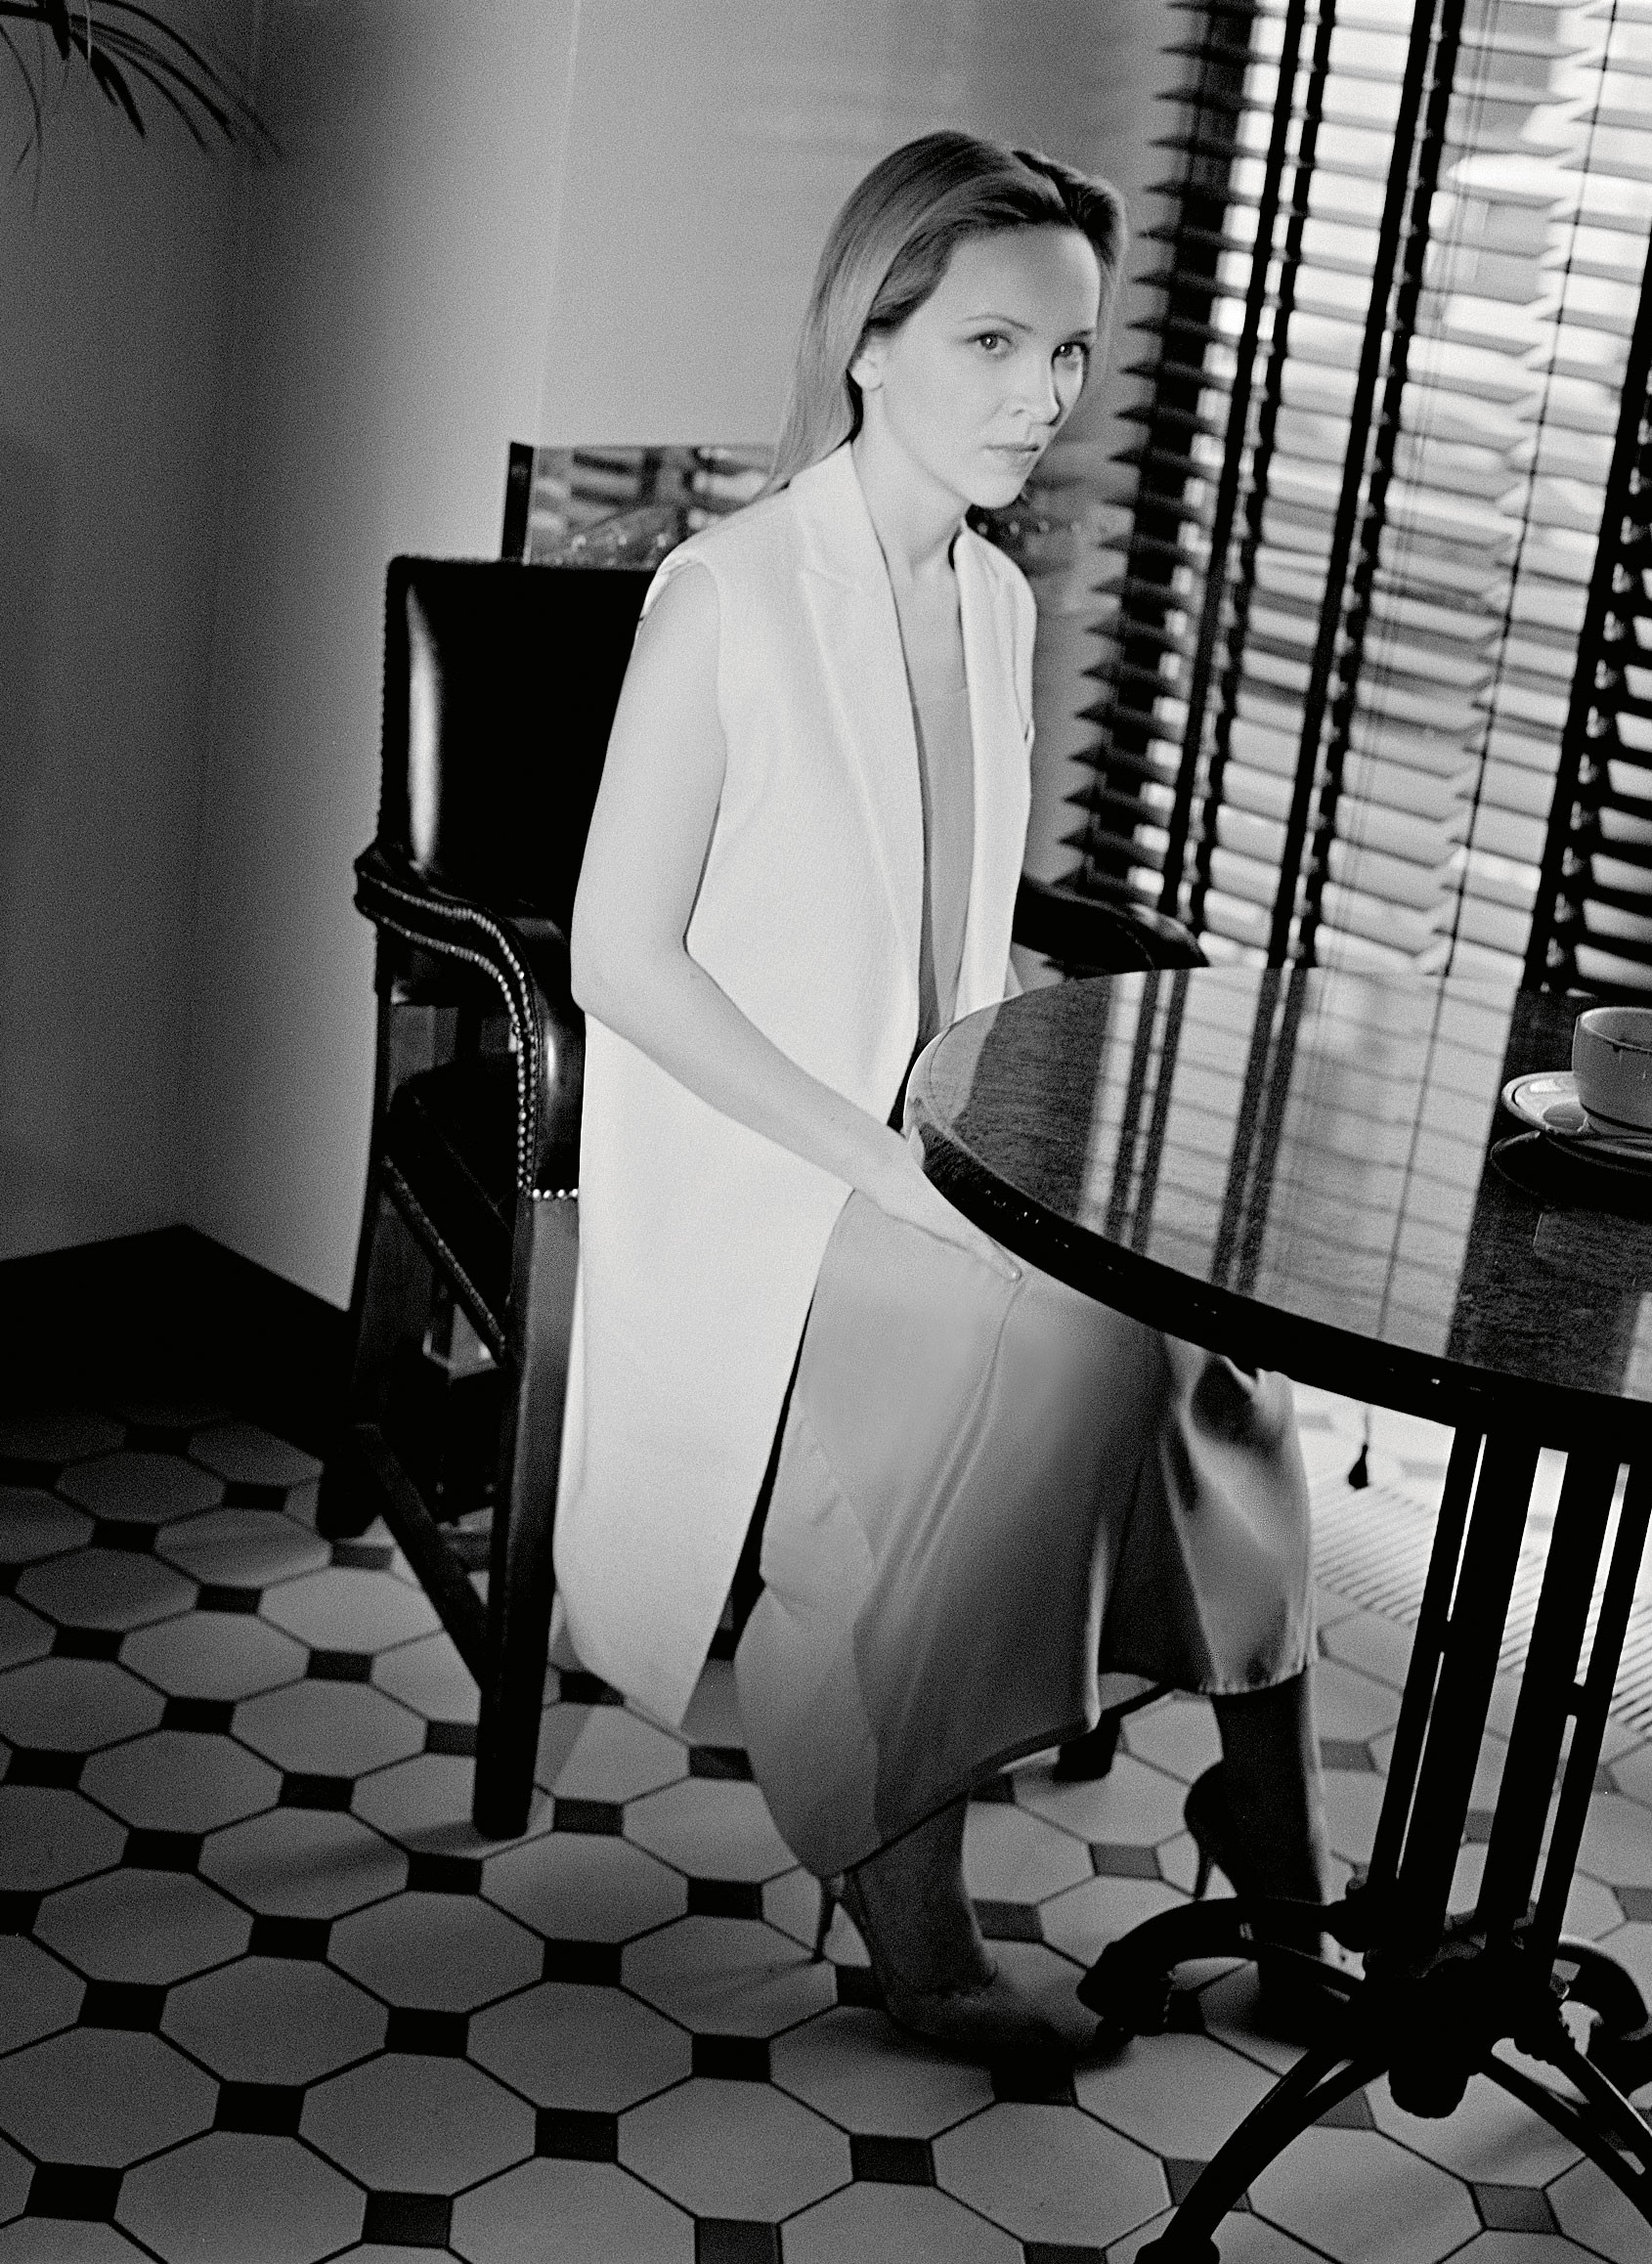 НаНастасье: платье, INSHADE, жилет, BRUNELLO CUCINELLI туфли, A. TESTONI